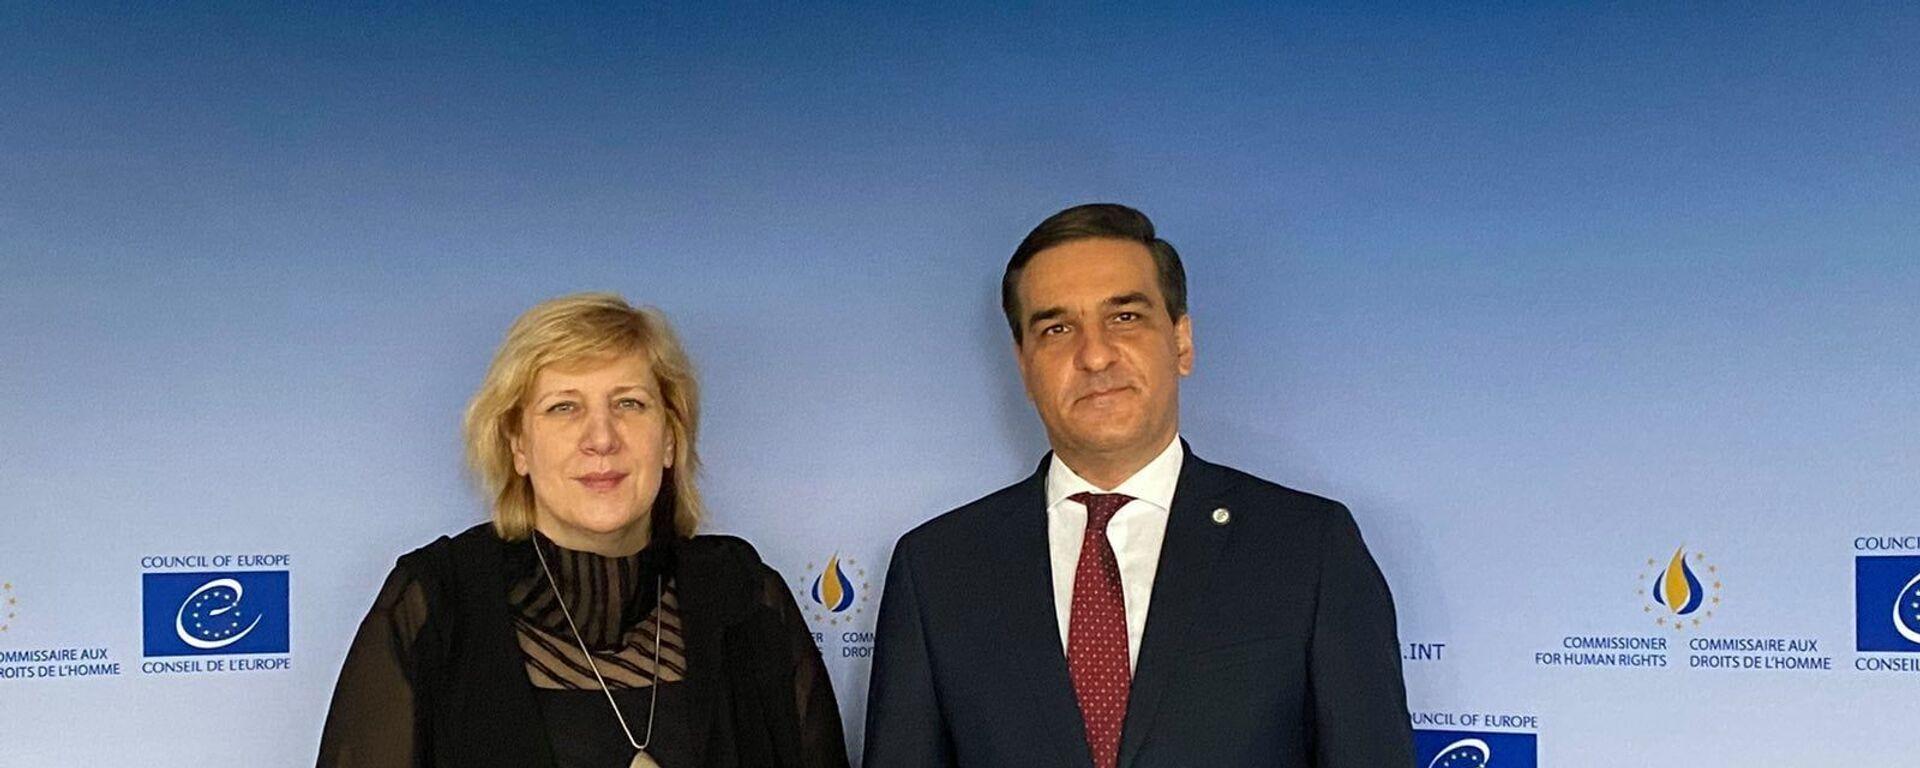 Омбудсмен Арман Татоян на встрече с комиссаром Совета Европы по правам человека Дуней Миятови (2 июля 2021). Страсбург - Sputnik Արմենիա, 1920, 02.07.2021